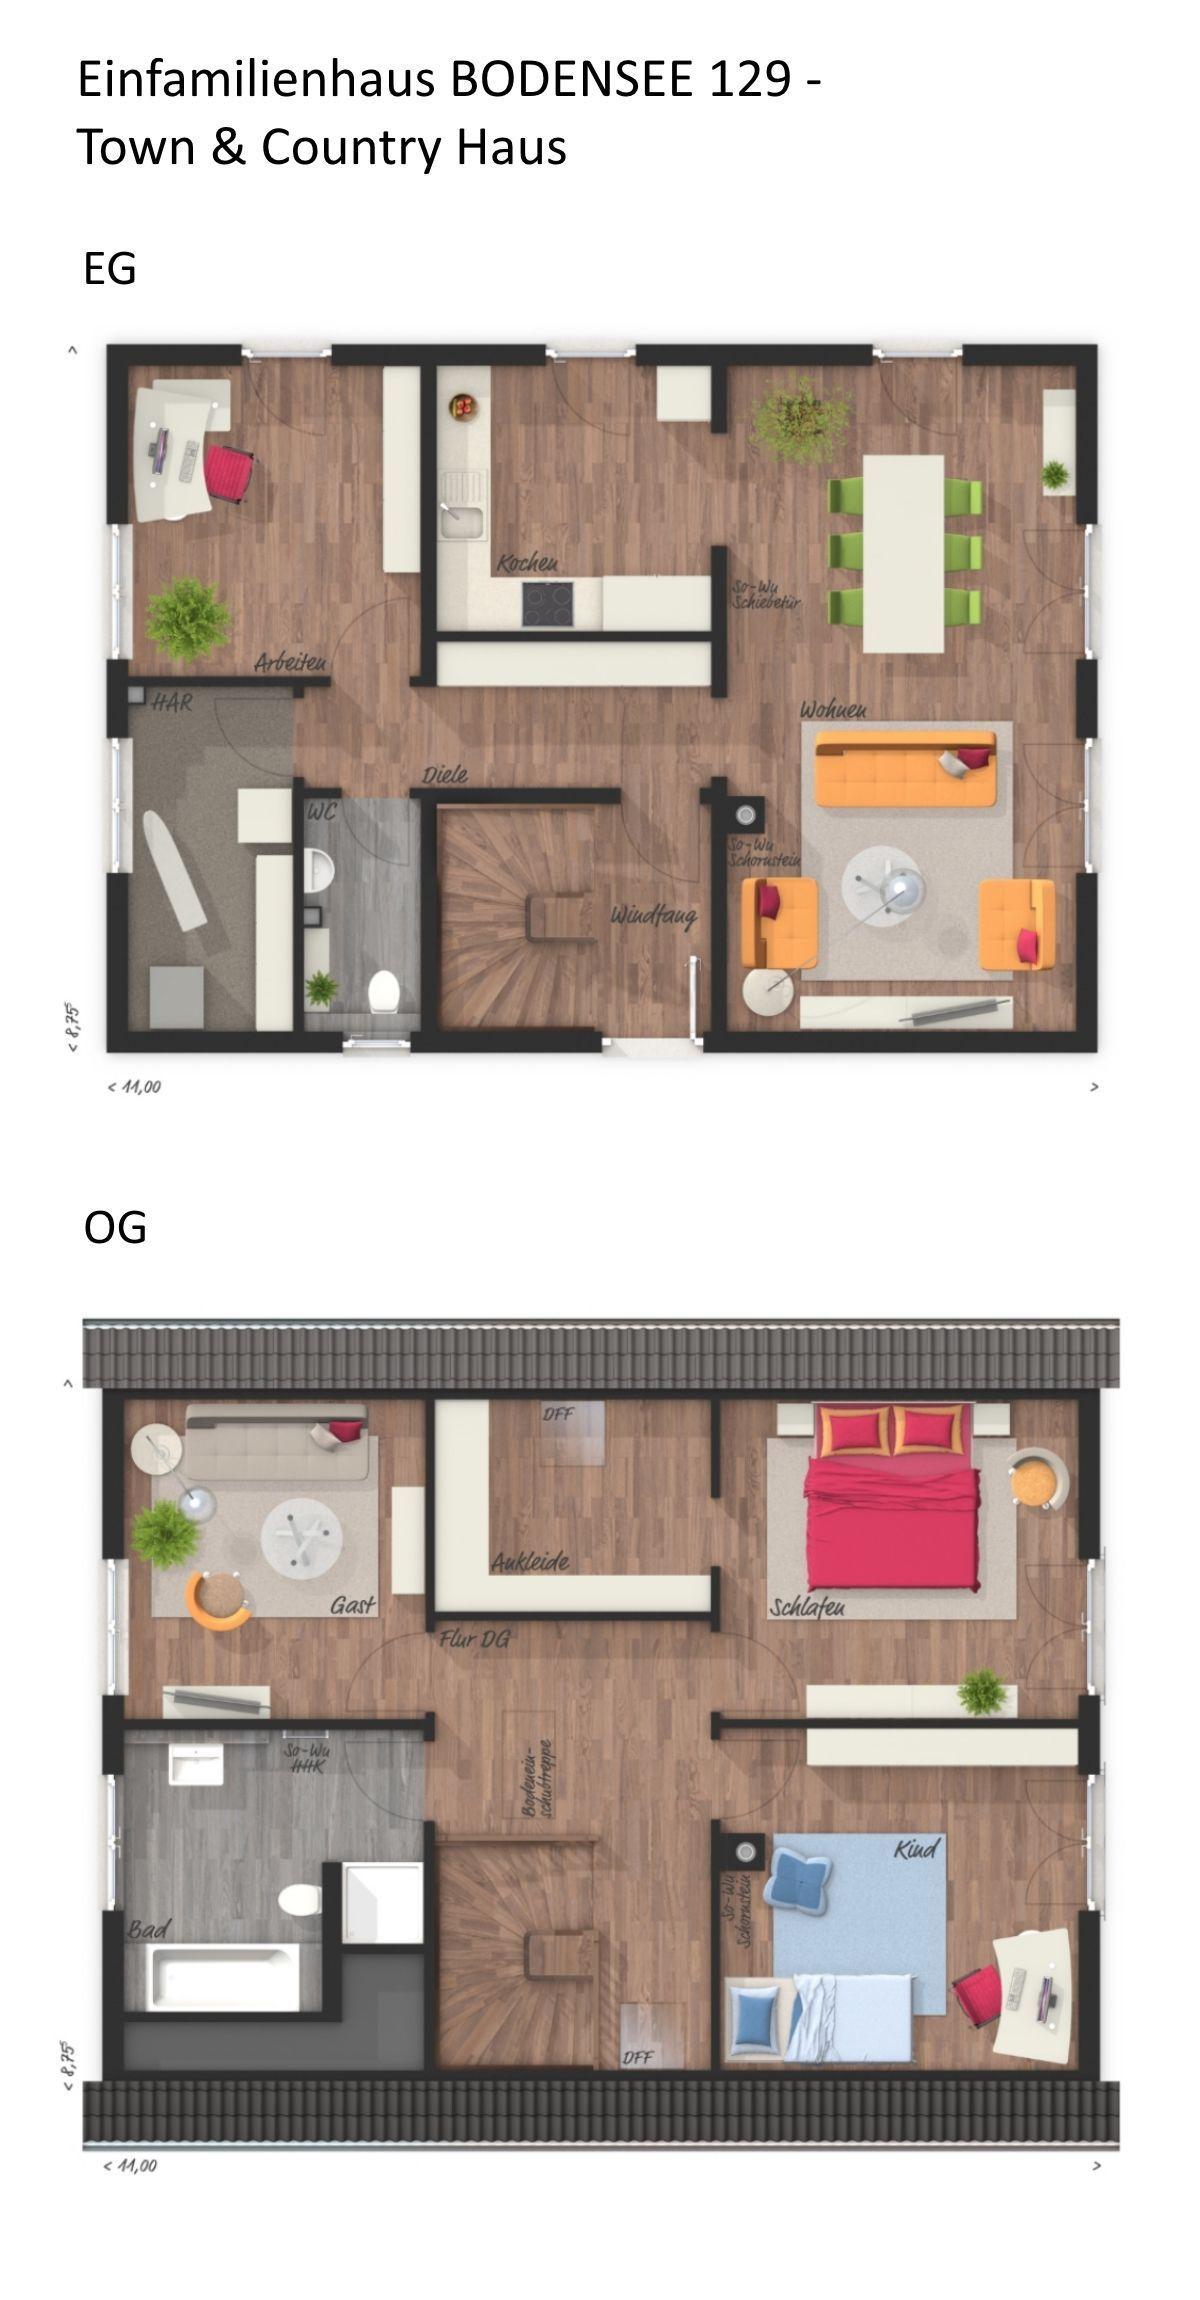 Klassisches Einfamilienhaus BODENSEE 129  Town  Country Haus  HausbauDirekt Klassisches Einfamilienhaus BODENSEE 129  Town  Country Haus  HausbauDirekt